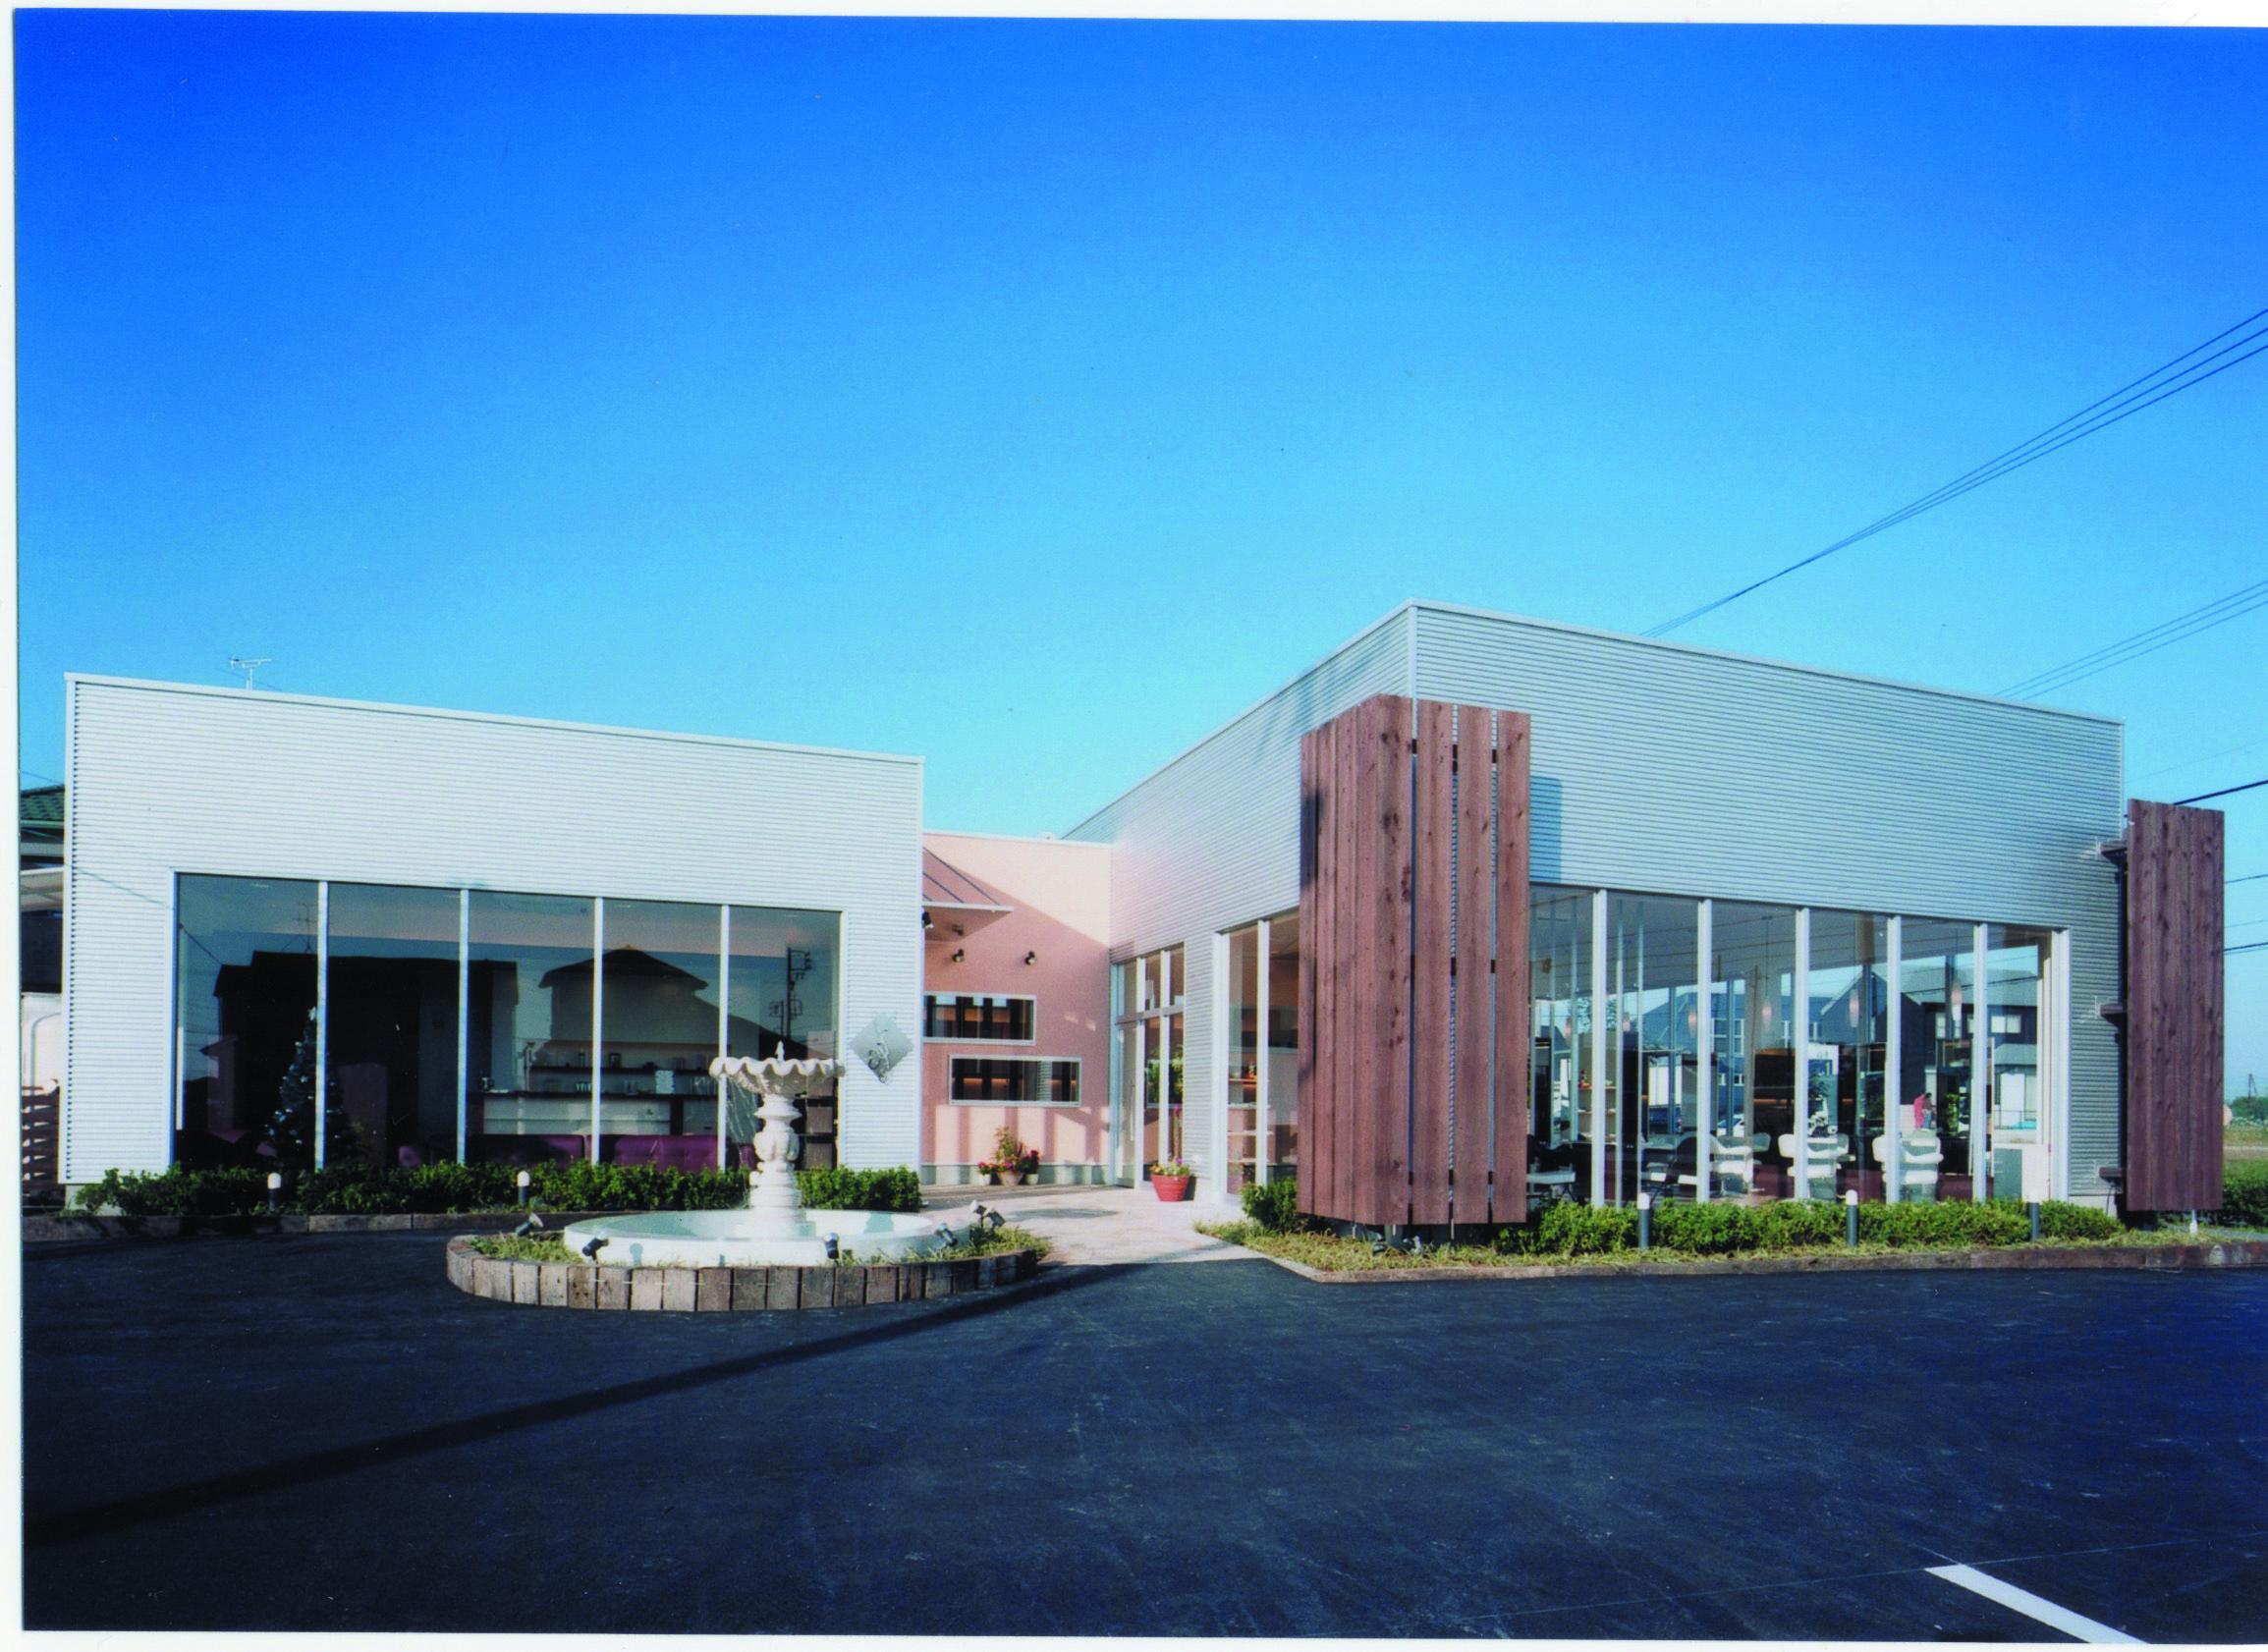 エマ スピリット(甚目寺店)エマ最大規模の大型店舗 052-442-1134